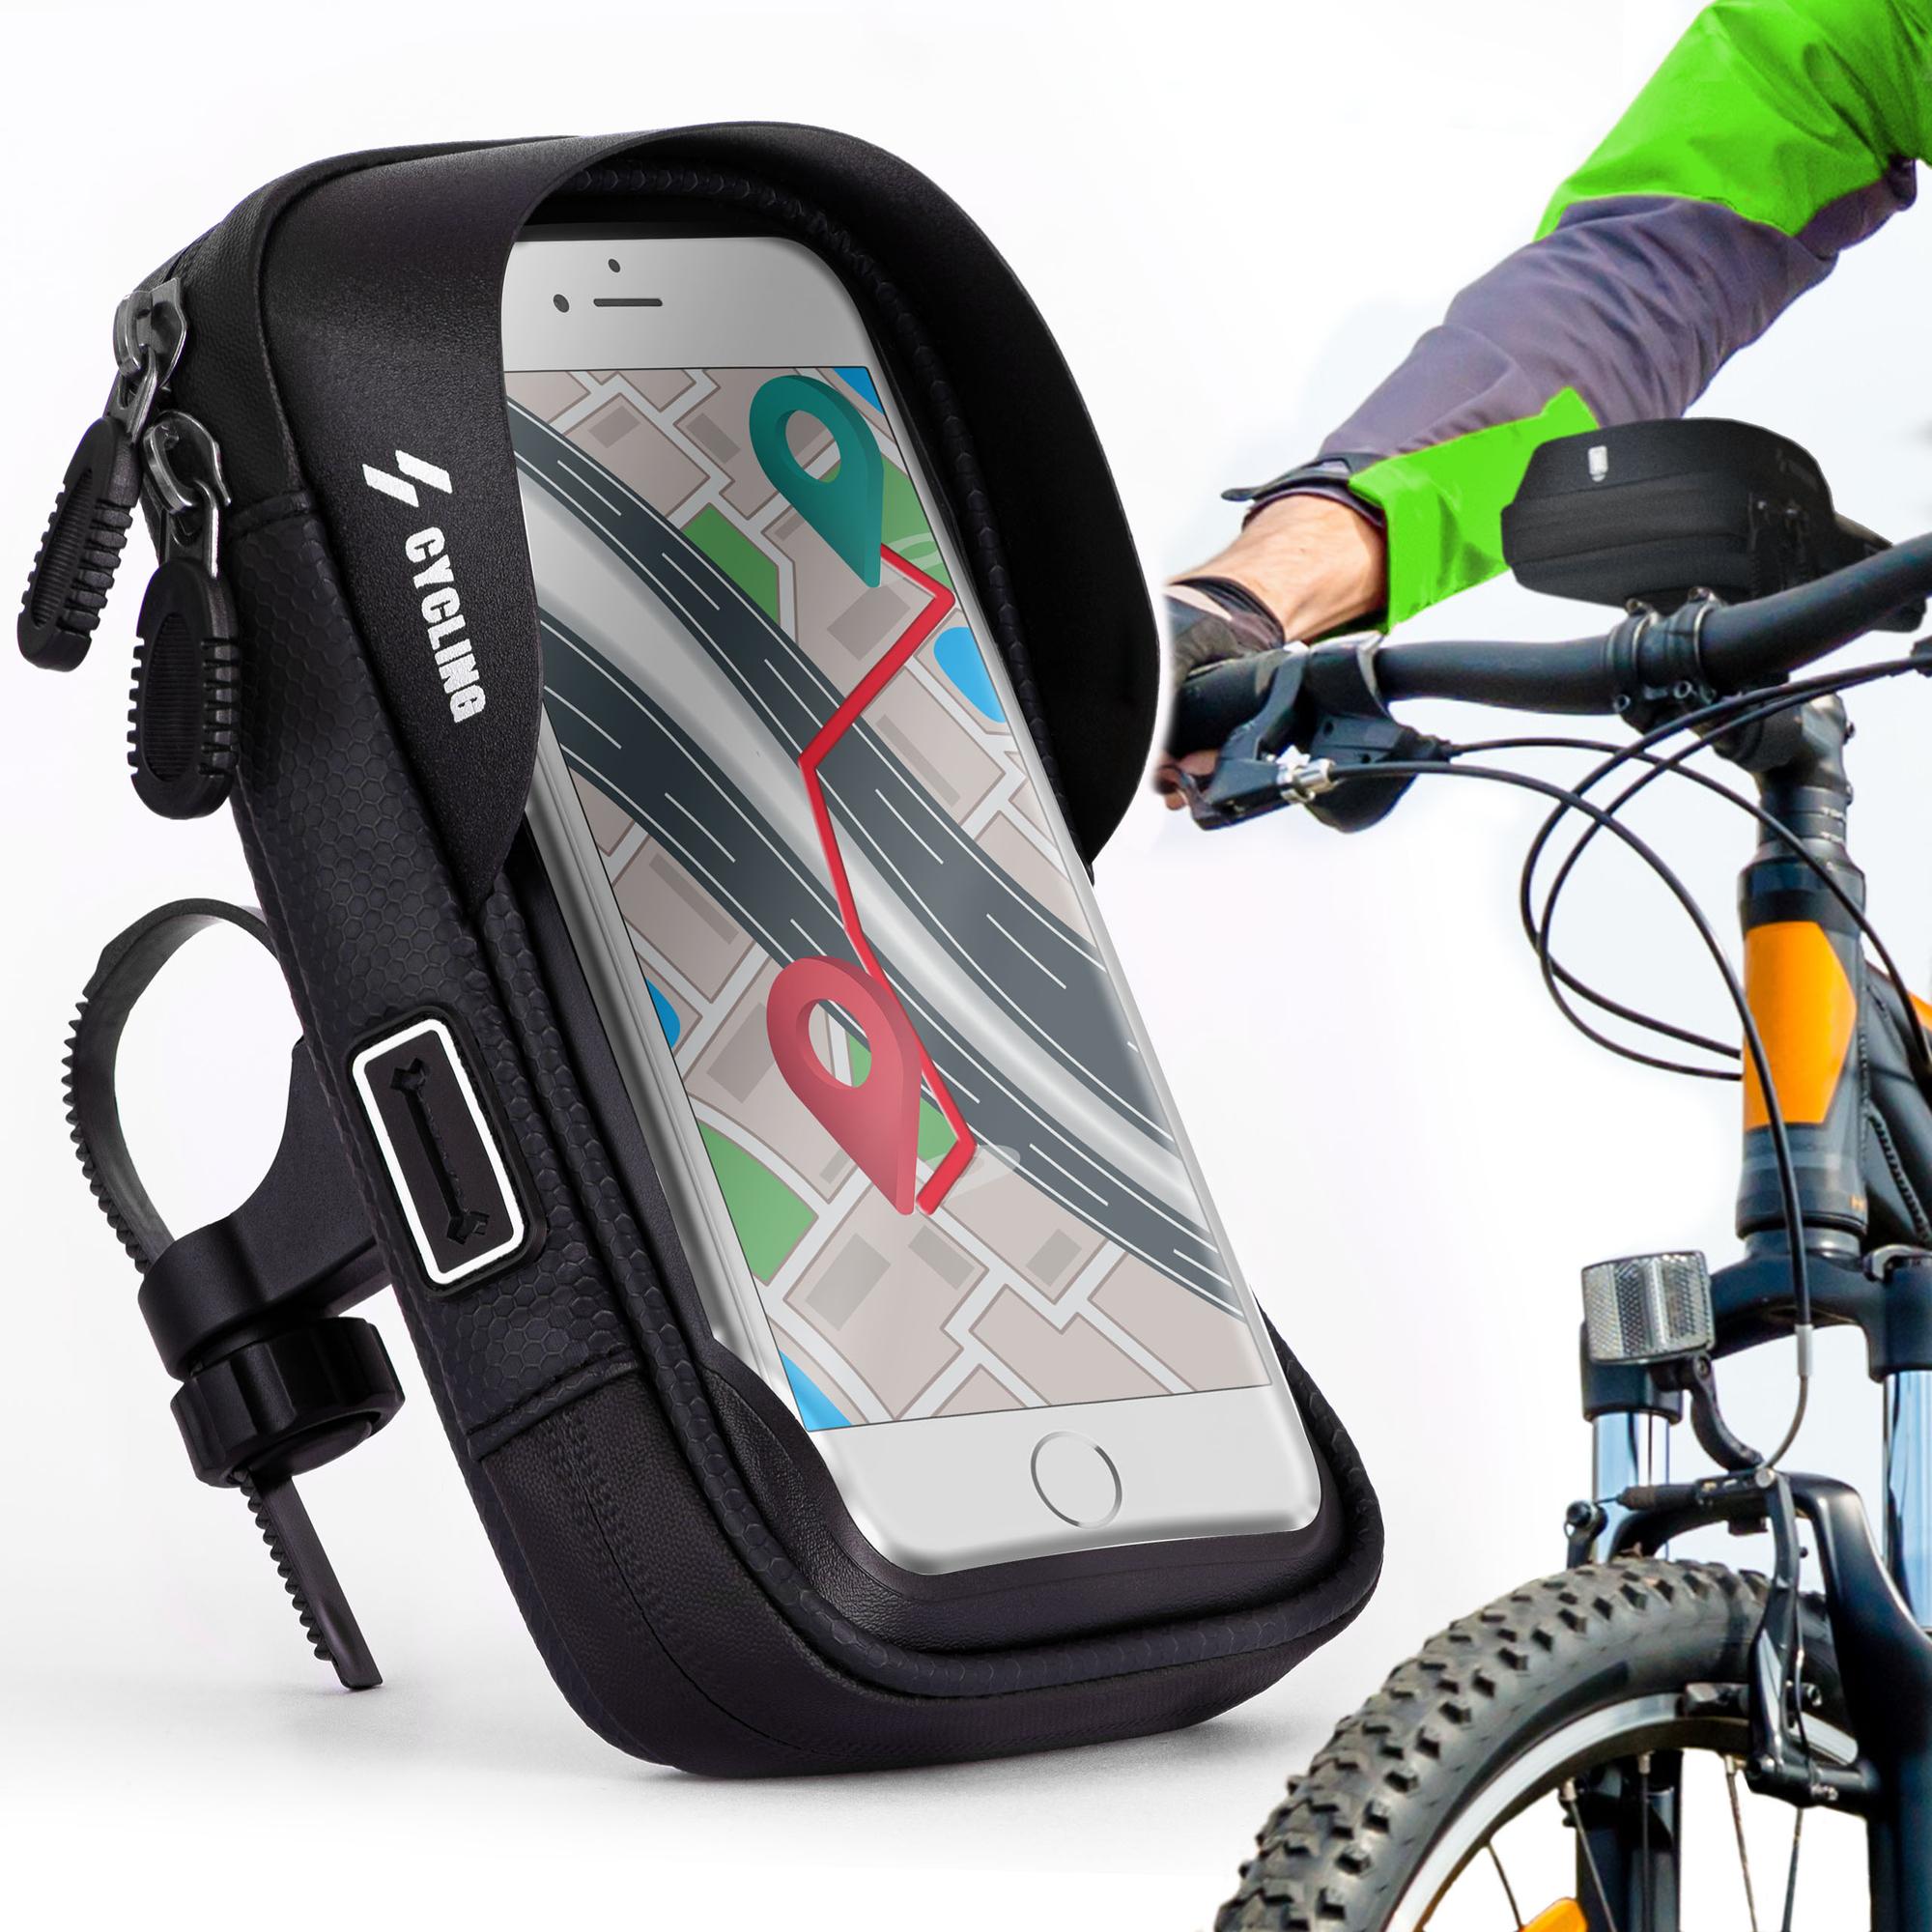 Fahrrad Halterung f Apple iPhone 5s Rahmenhalter Fahrradtasche Rahmentasche Sch